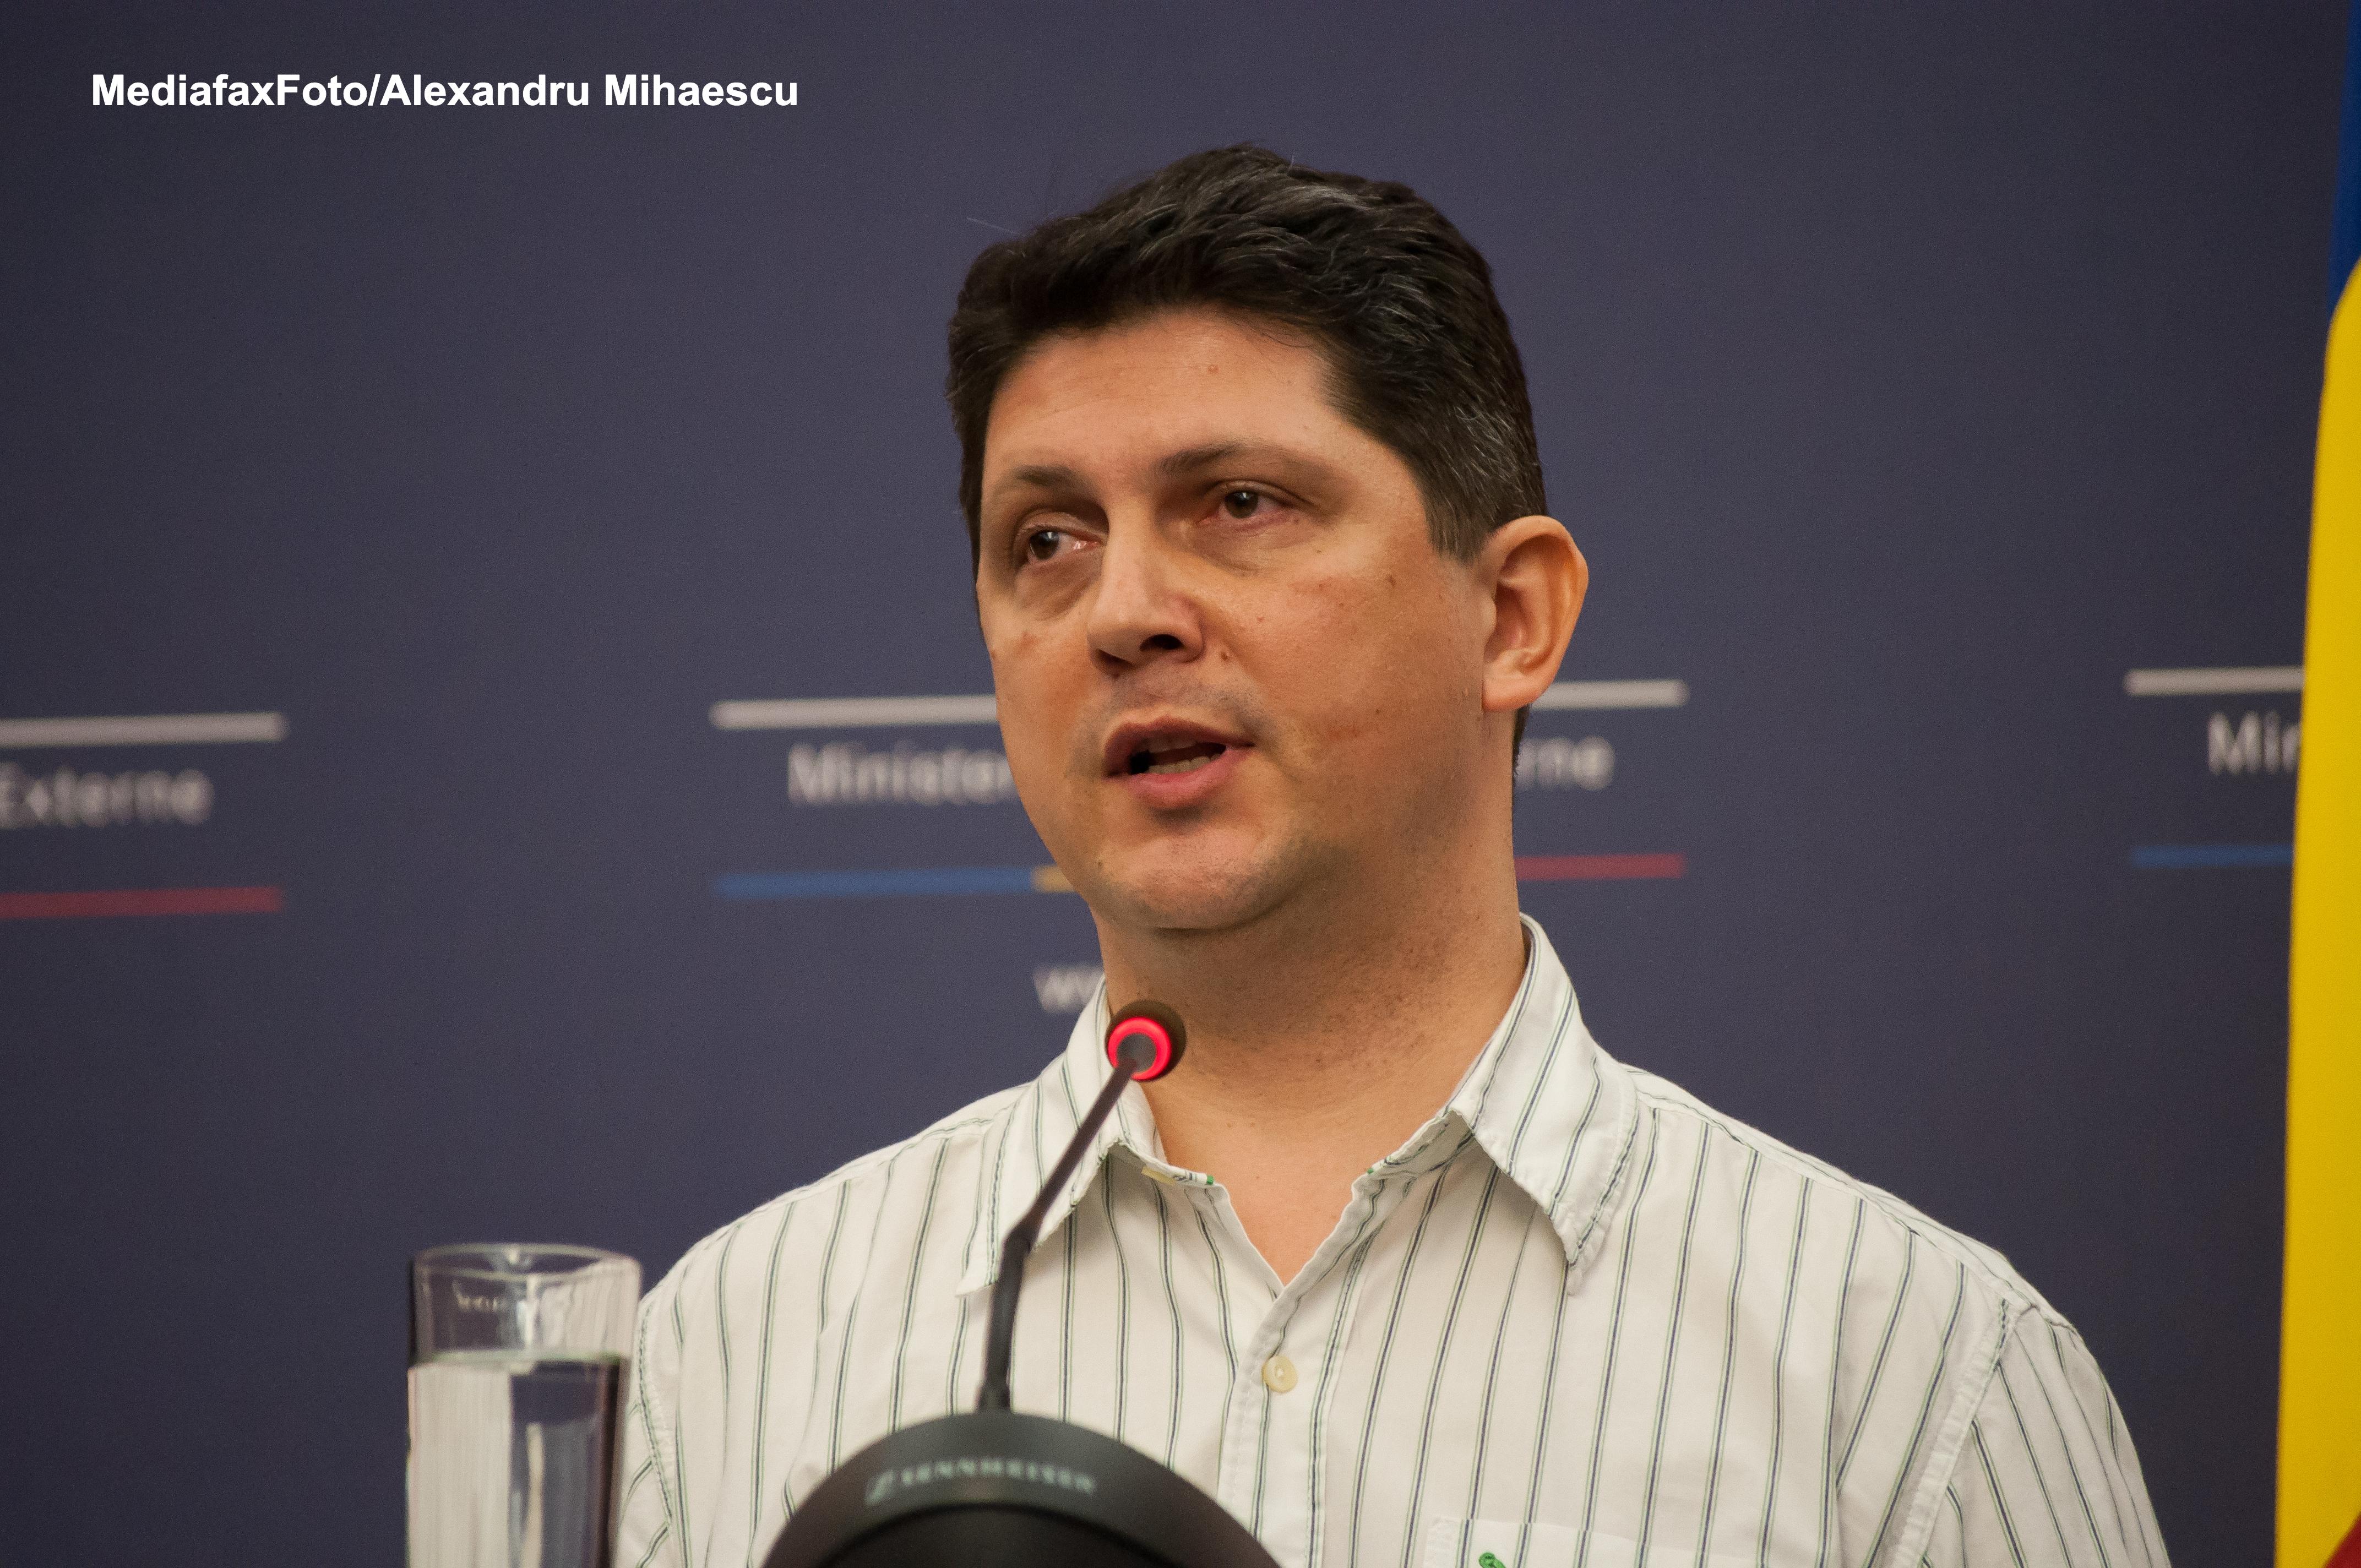 Ambasadorul roman, convocat de Ministerul ungar de Externe dupa declaratiile lui Titus Corlatean